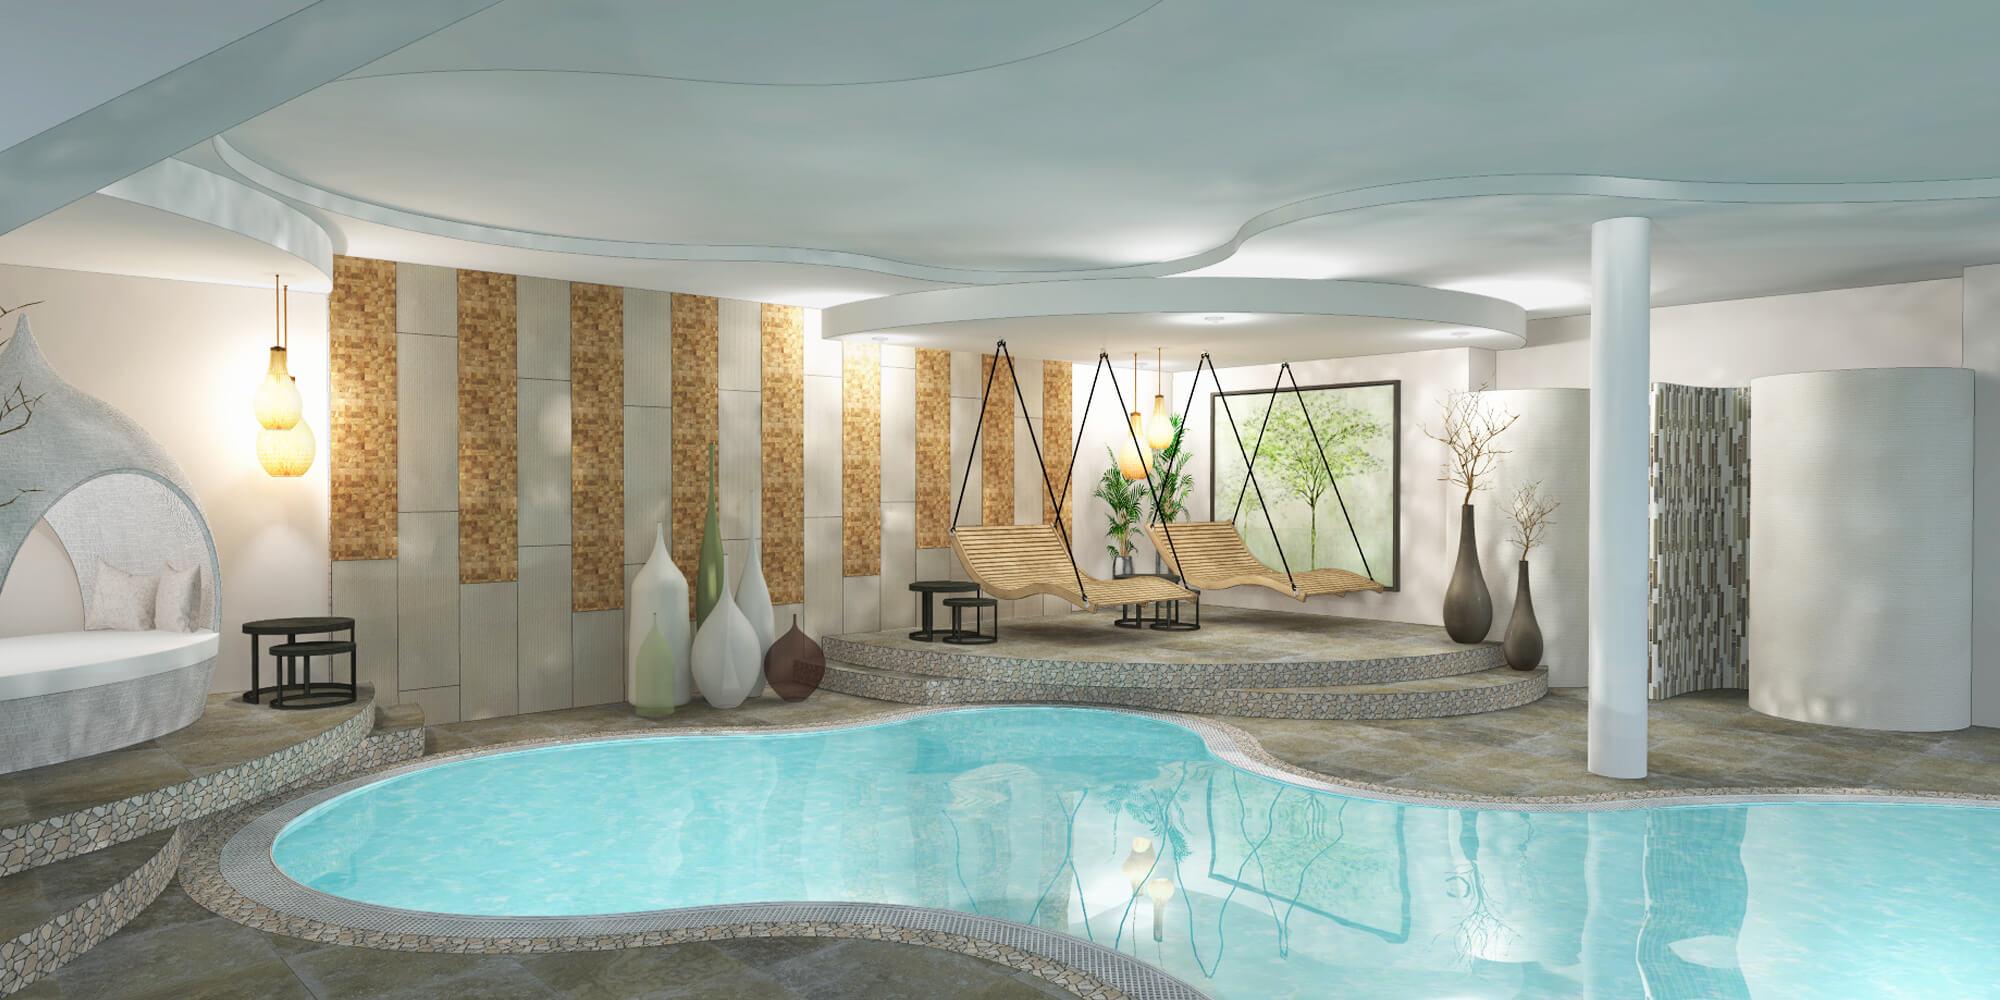 Crea-Plan-Design-Rauch-Frühmann-Architektur-Innenarchitektur-Design-Projekt-Referenz-Hotelerie-Gastronomie-Hotel-Guglwald-Wellness-C